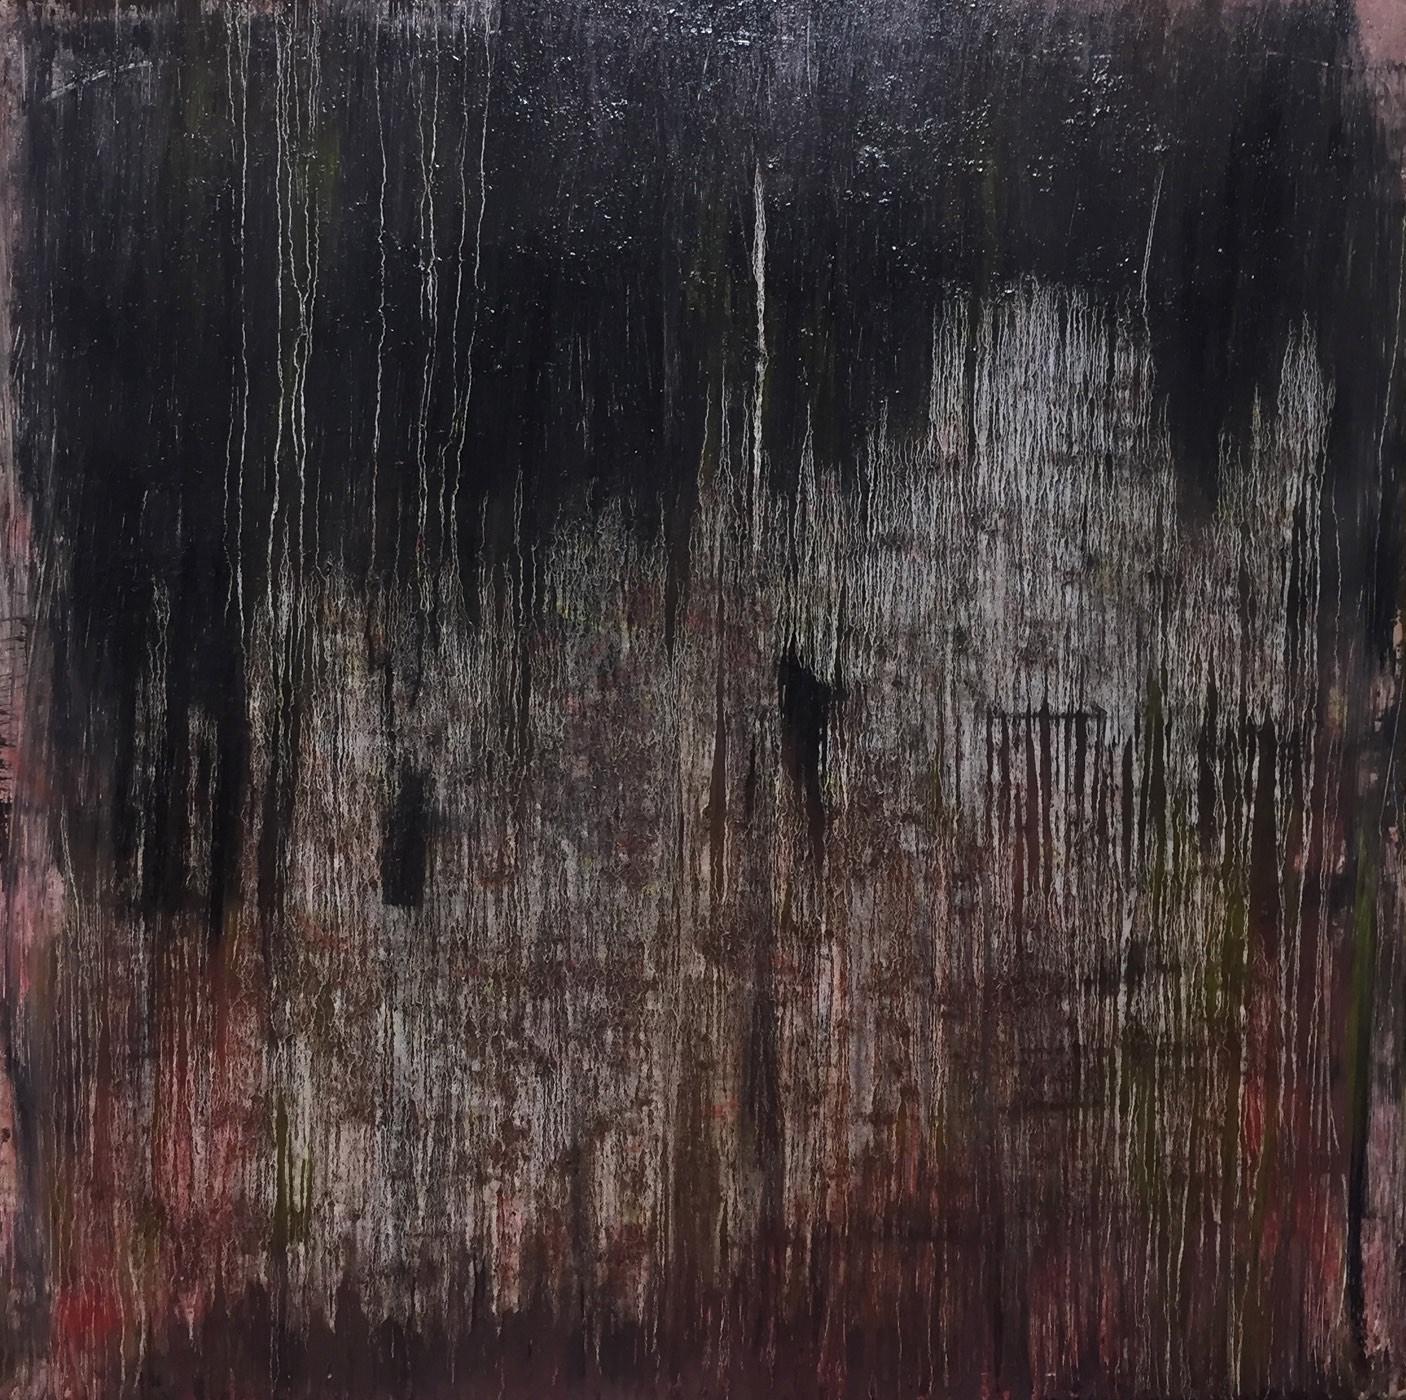 MARC FELD 2020 LISTENING TO HORACE PARLAN Huile et acrylique sur toile 150 x 150 cm